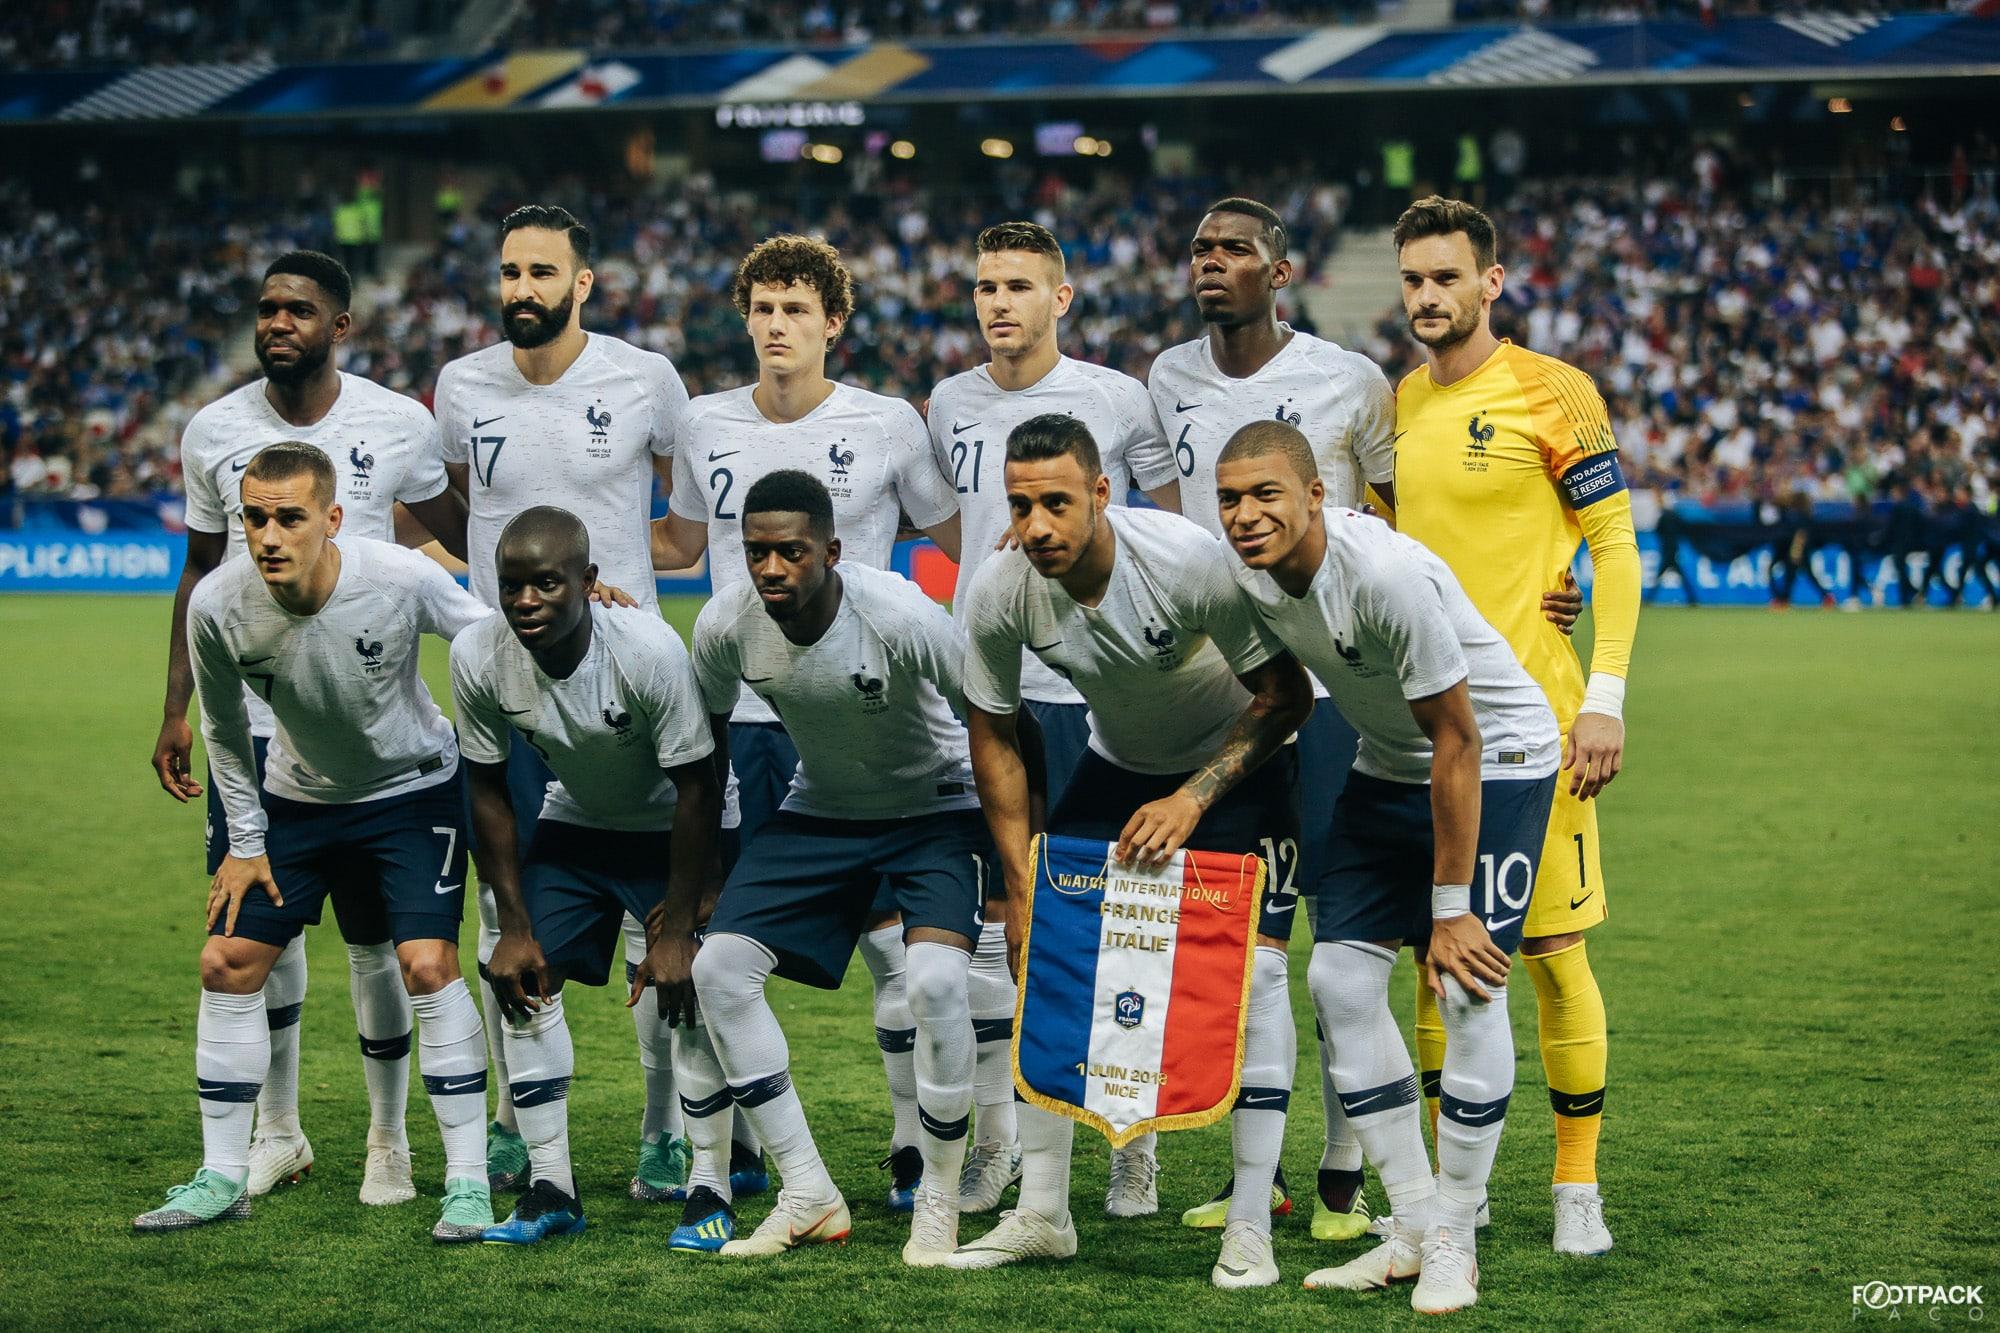 Les maillots de la france et les chaussures des 23 joueurs - Equipe de france 1982 coupe du monde ...